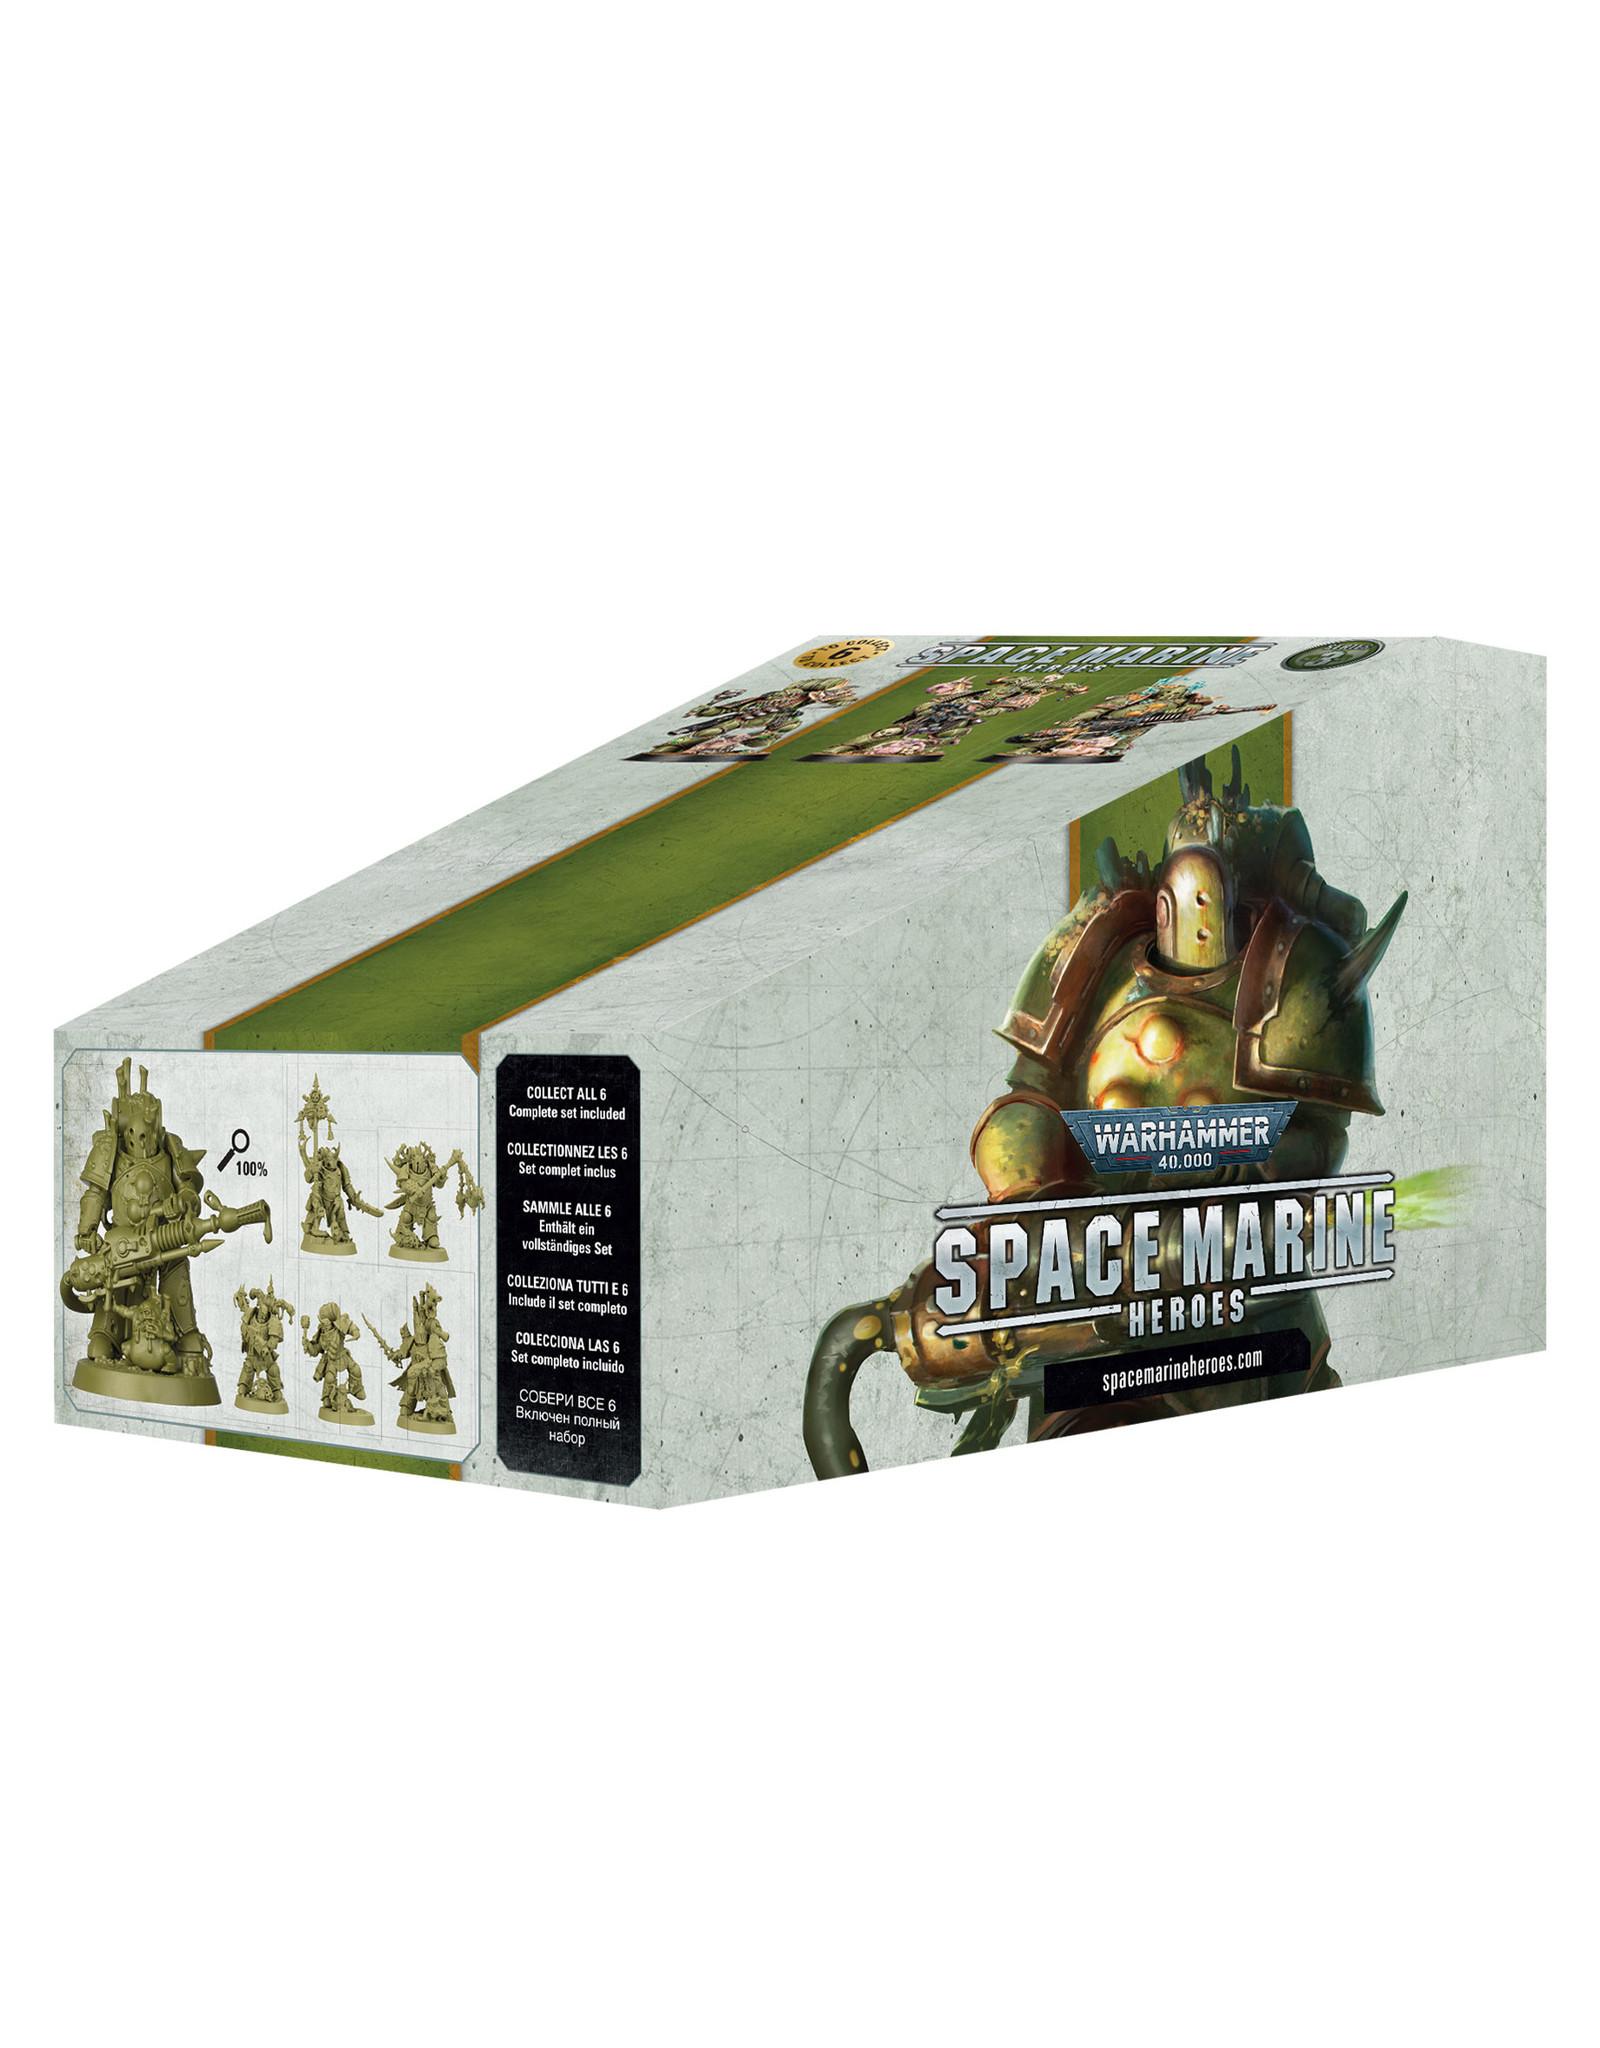 Warhammer 40K Space Marine Heroes 3 Booster